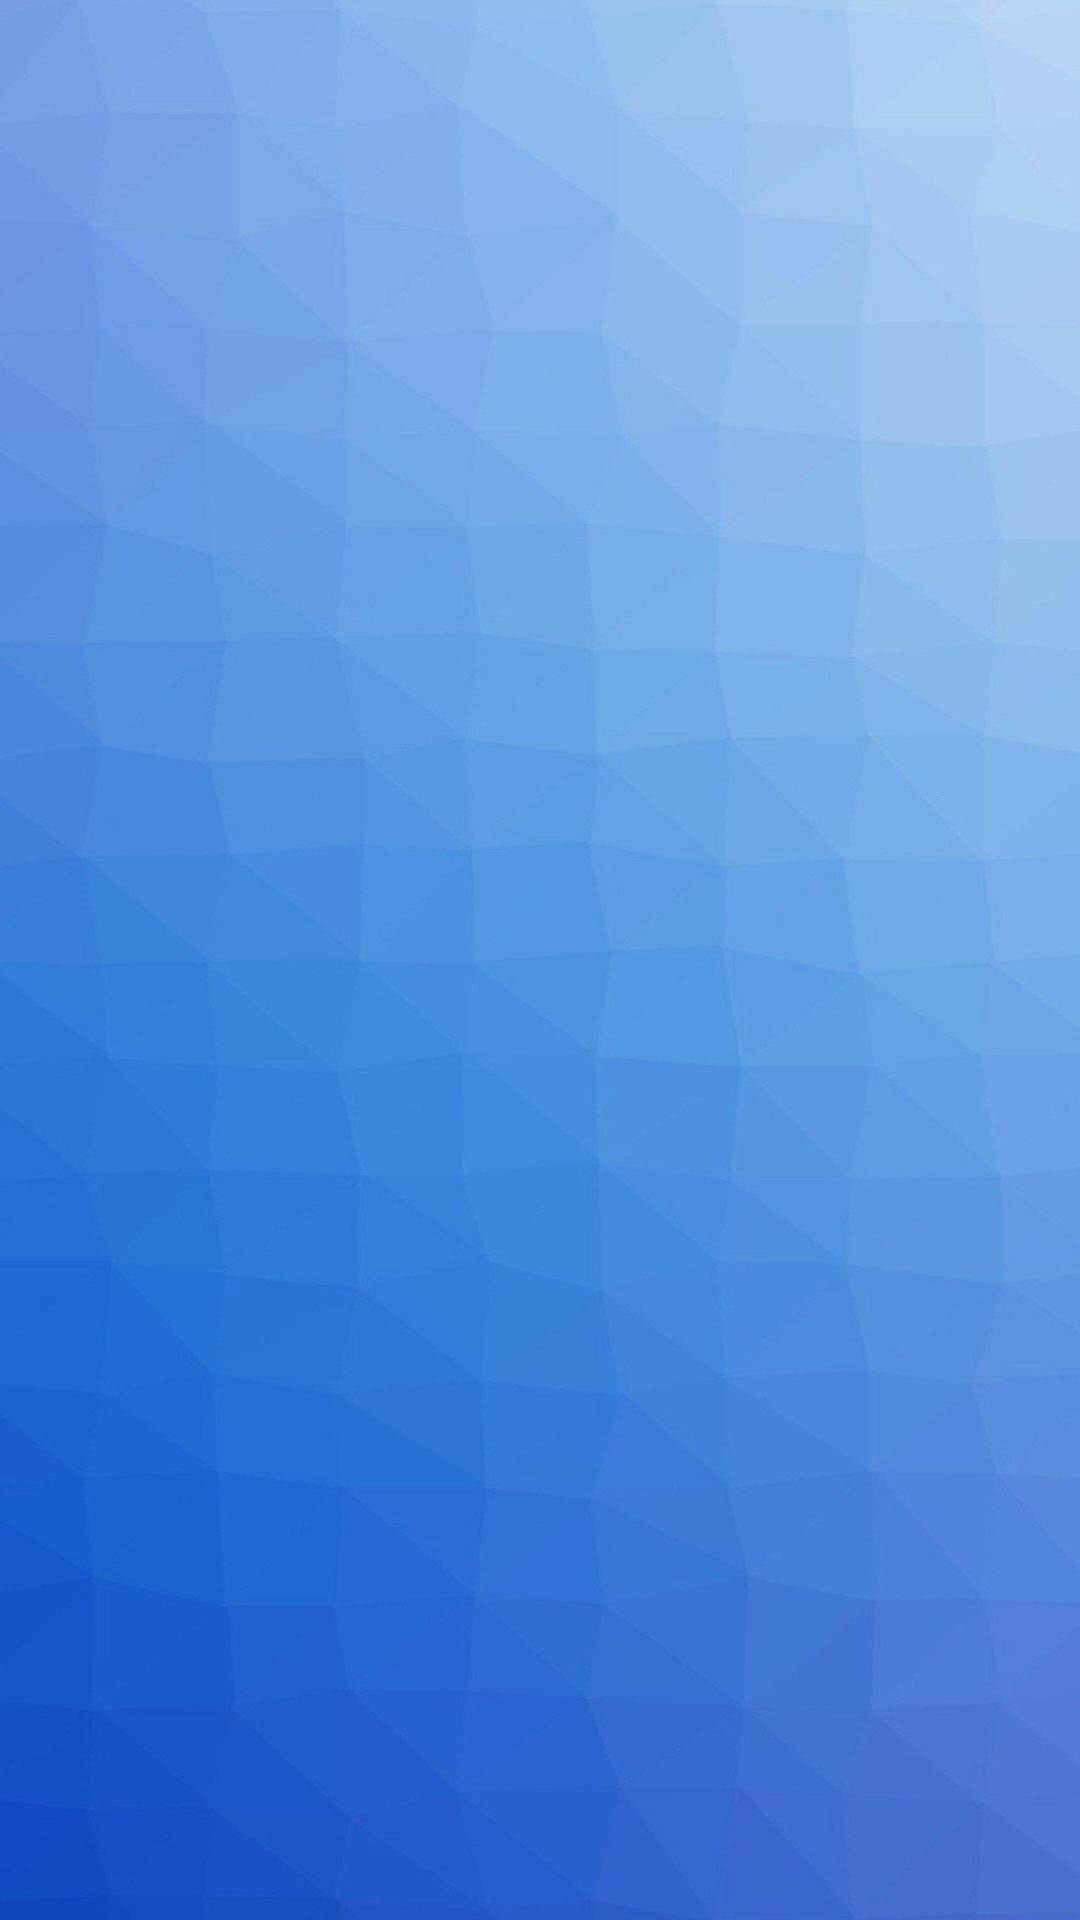 蓝色马赛克背景诺基亚手机锁屏壁纸